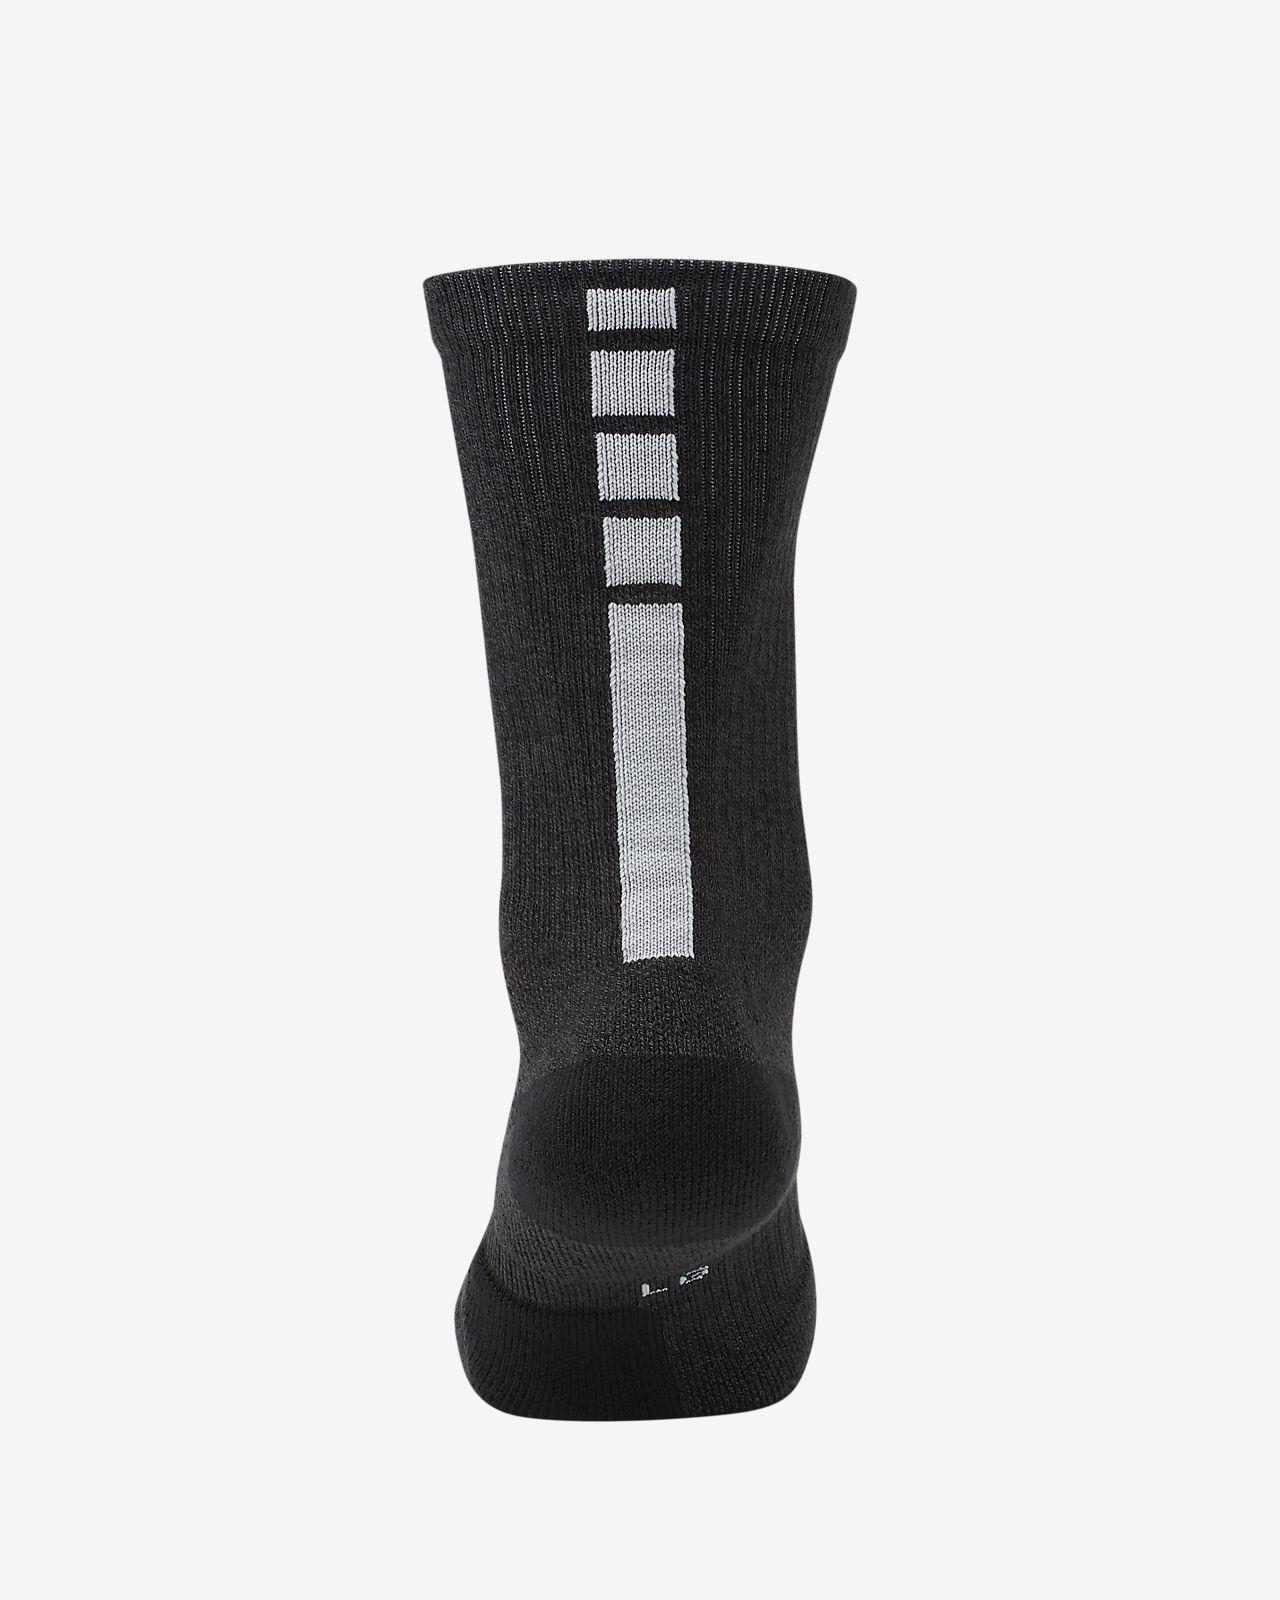 d036548c0 Brooklyn Nets Nike Elite NBA Crew Socks. Nike.com